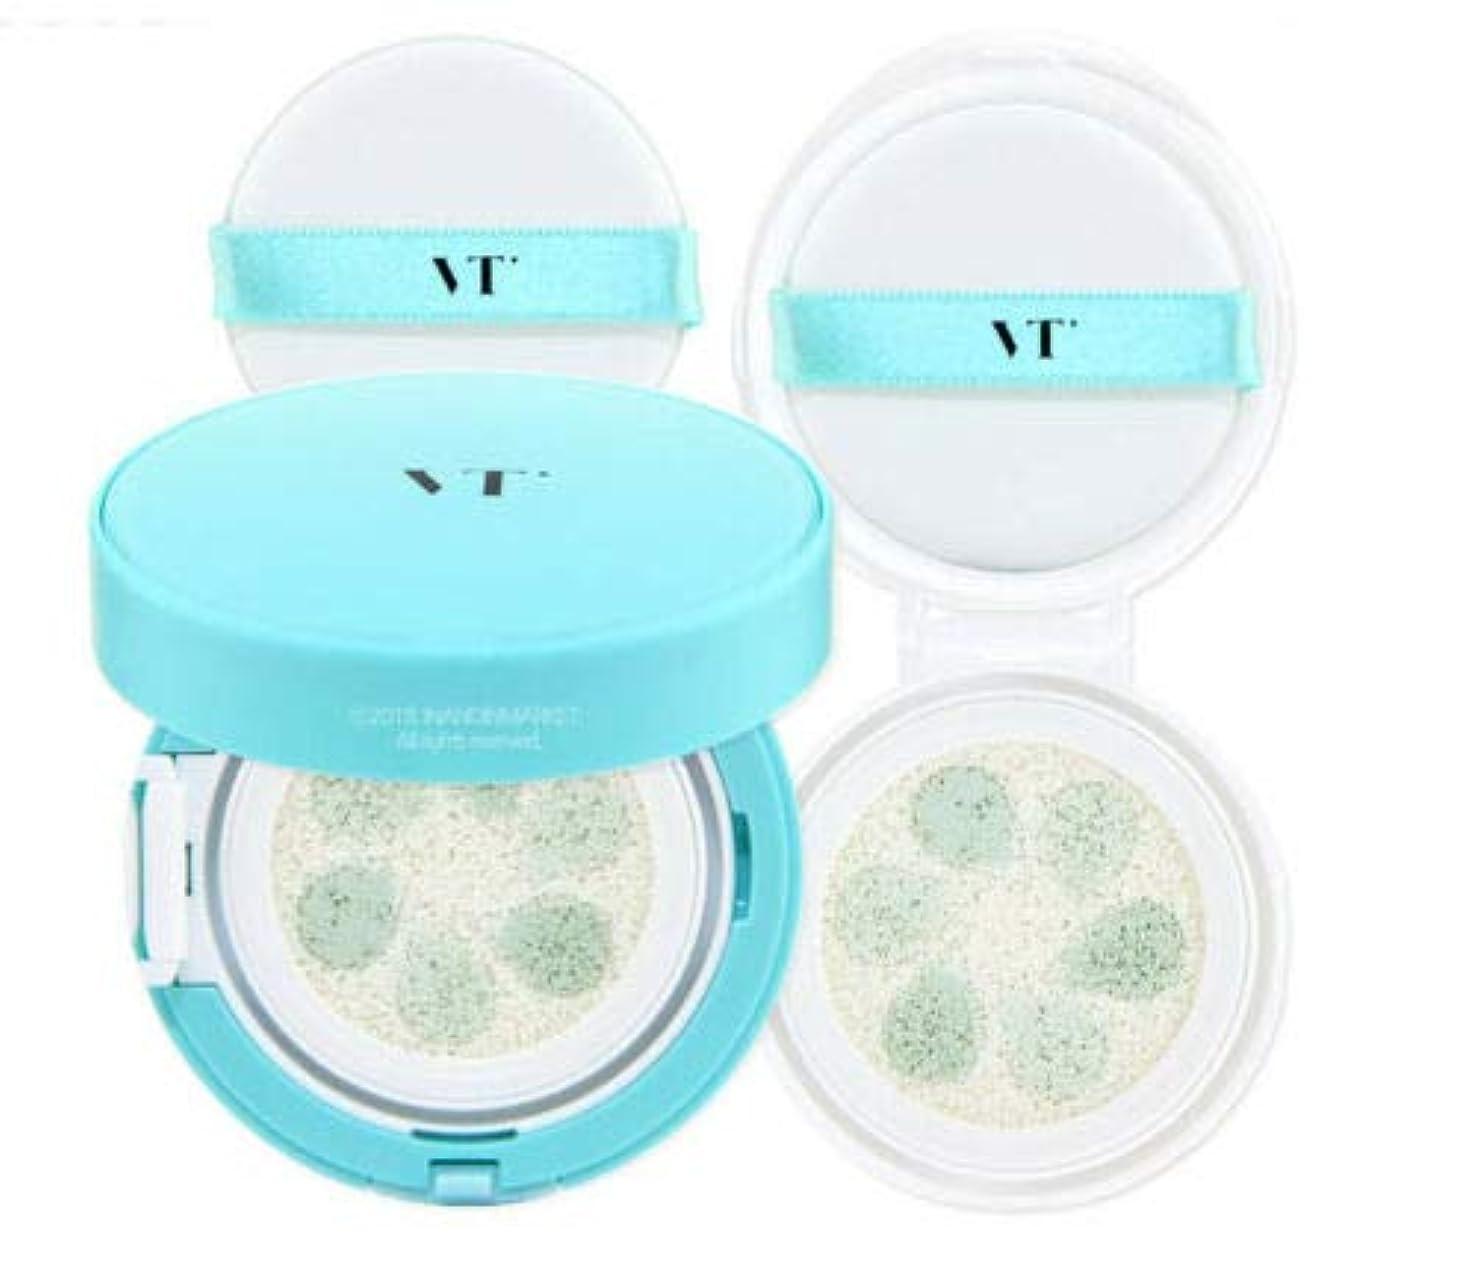 配偶者契約心臓VT Cosmetic Phyto Sun Cushion サンクッション 本品11g + リフィール11g, SPF50+/PA++++